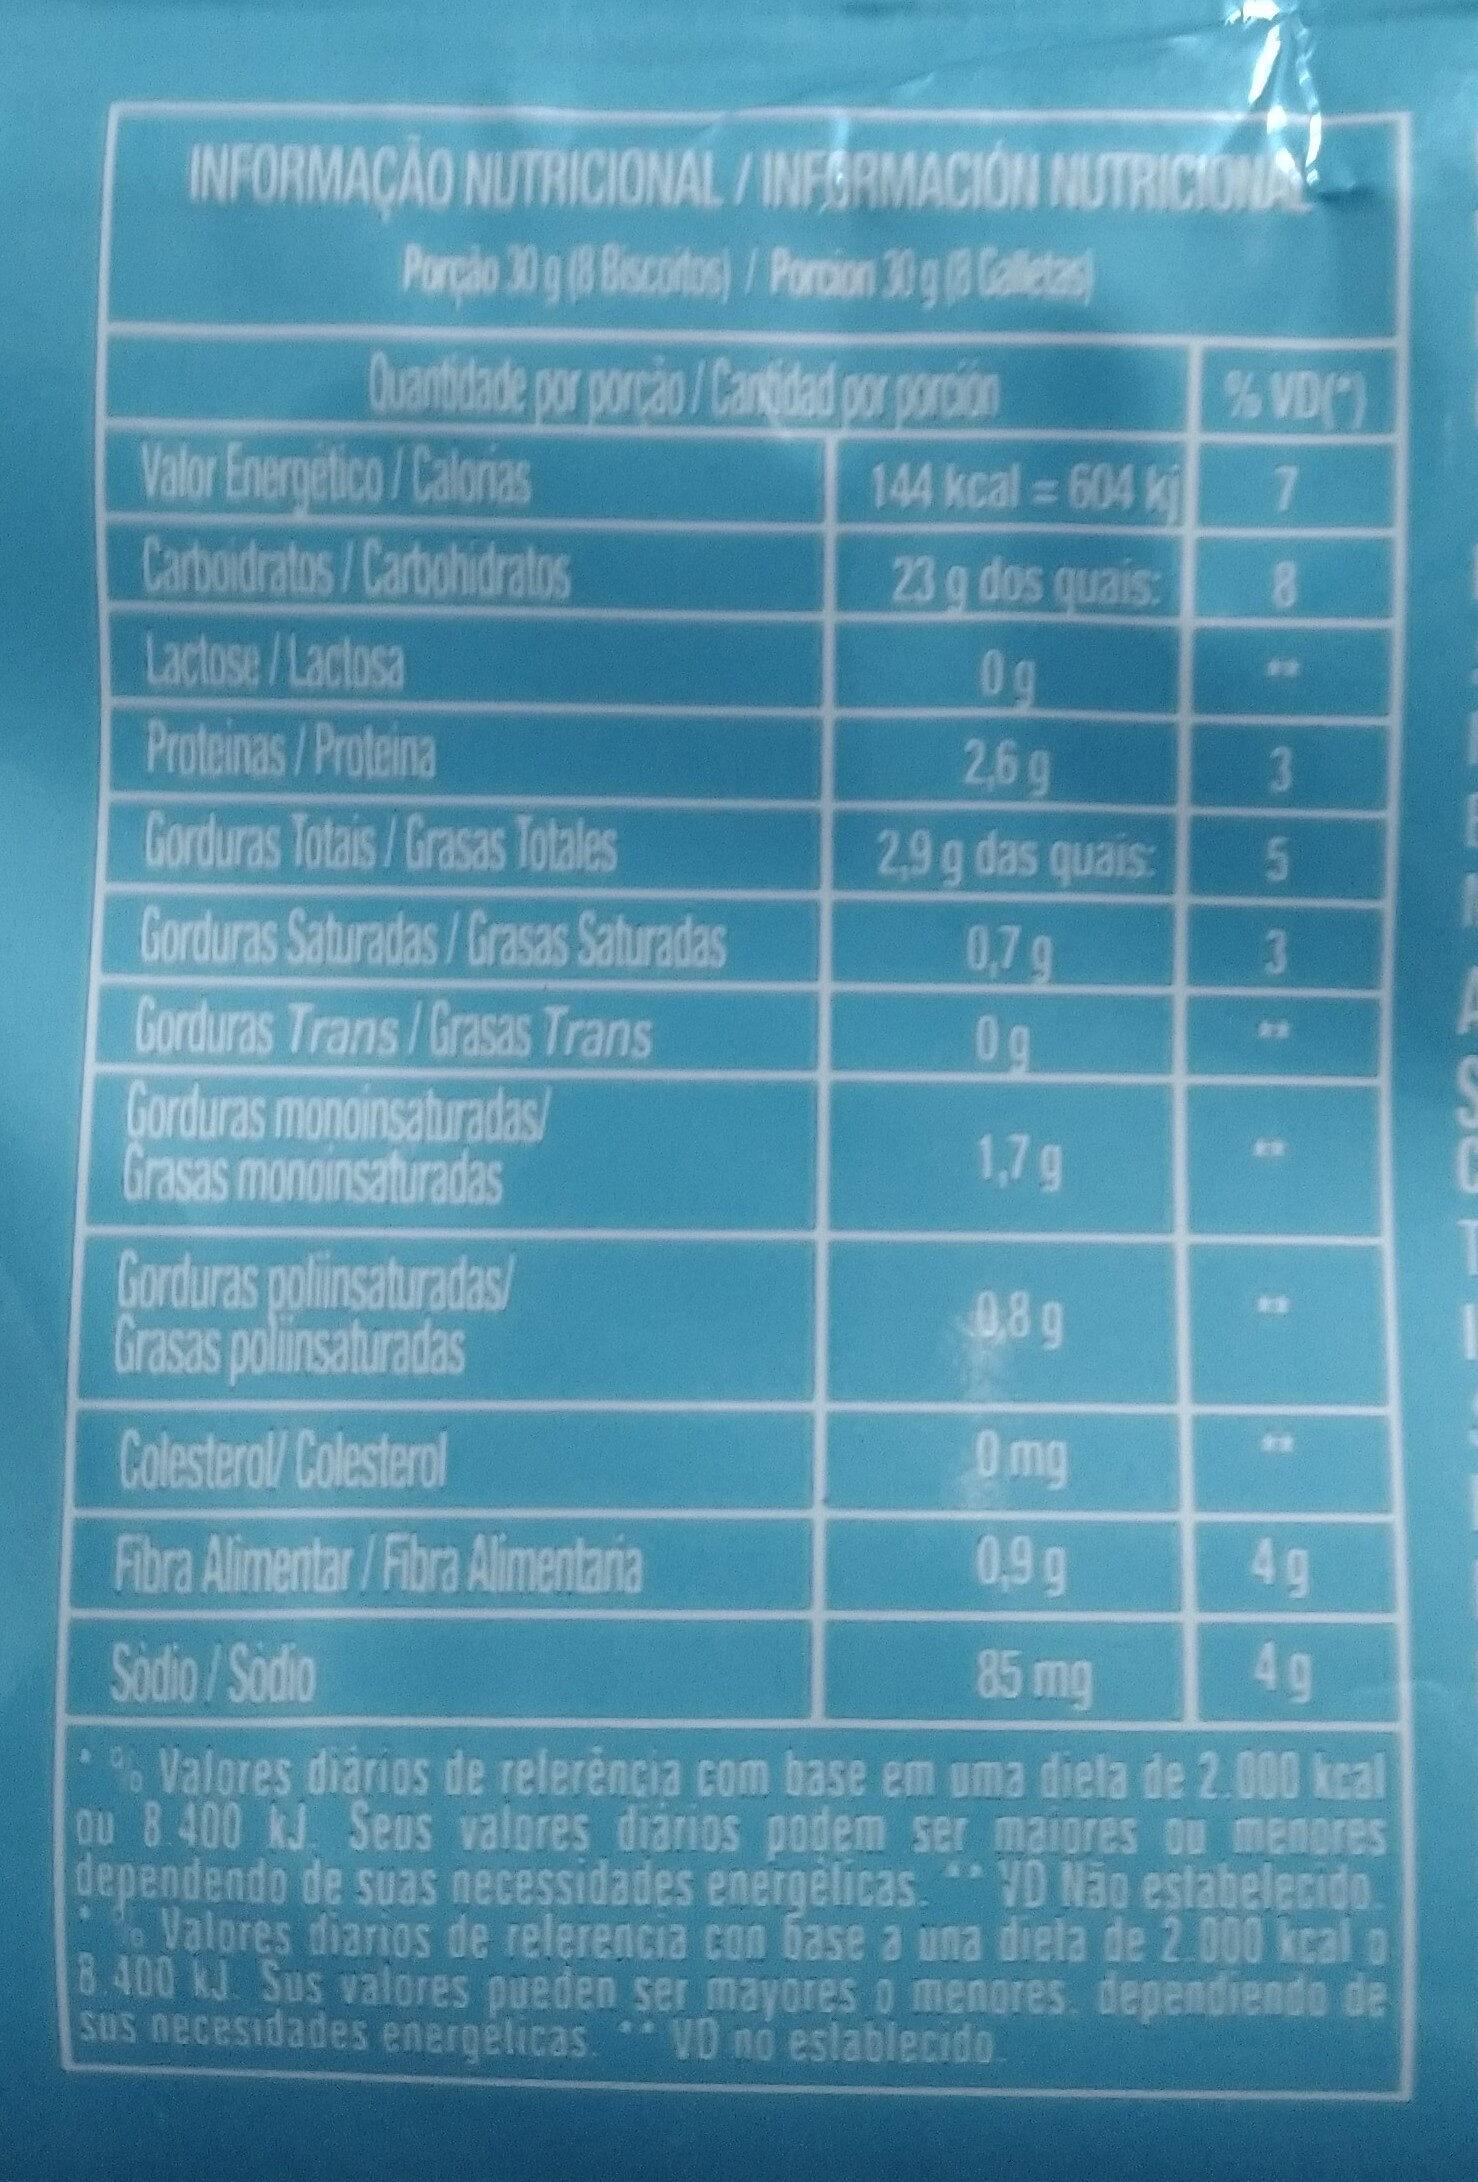 Biscoito doce amanteigado sabor artificial de leite - Nutrition facts - pt